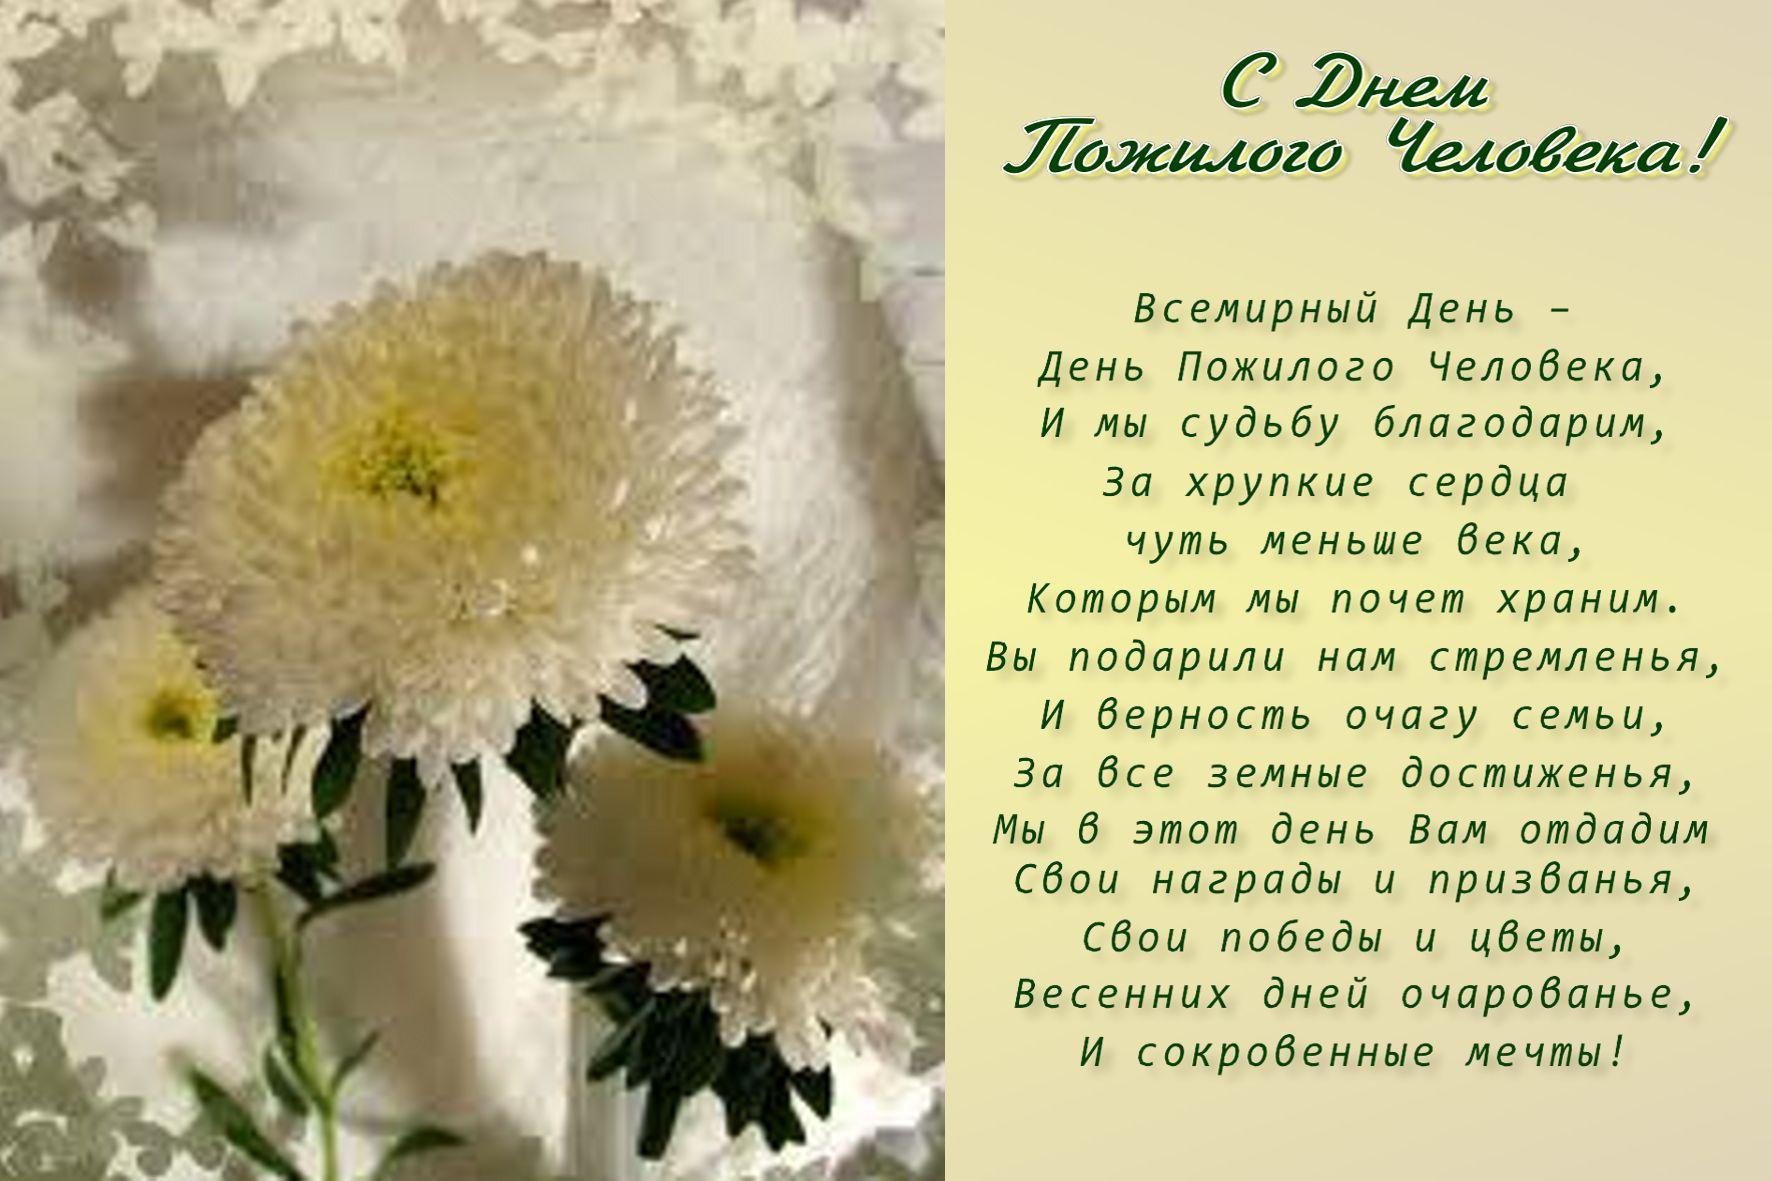 Весна картинки, открытка день пожелого человека